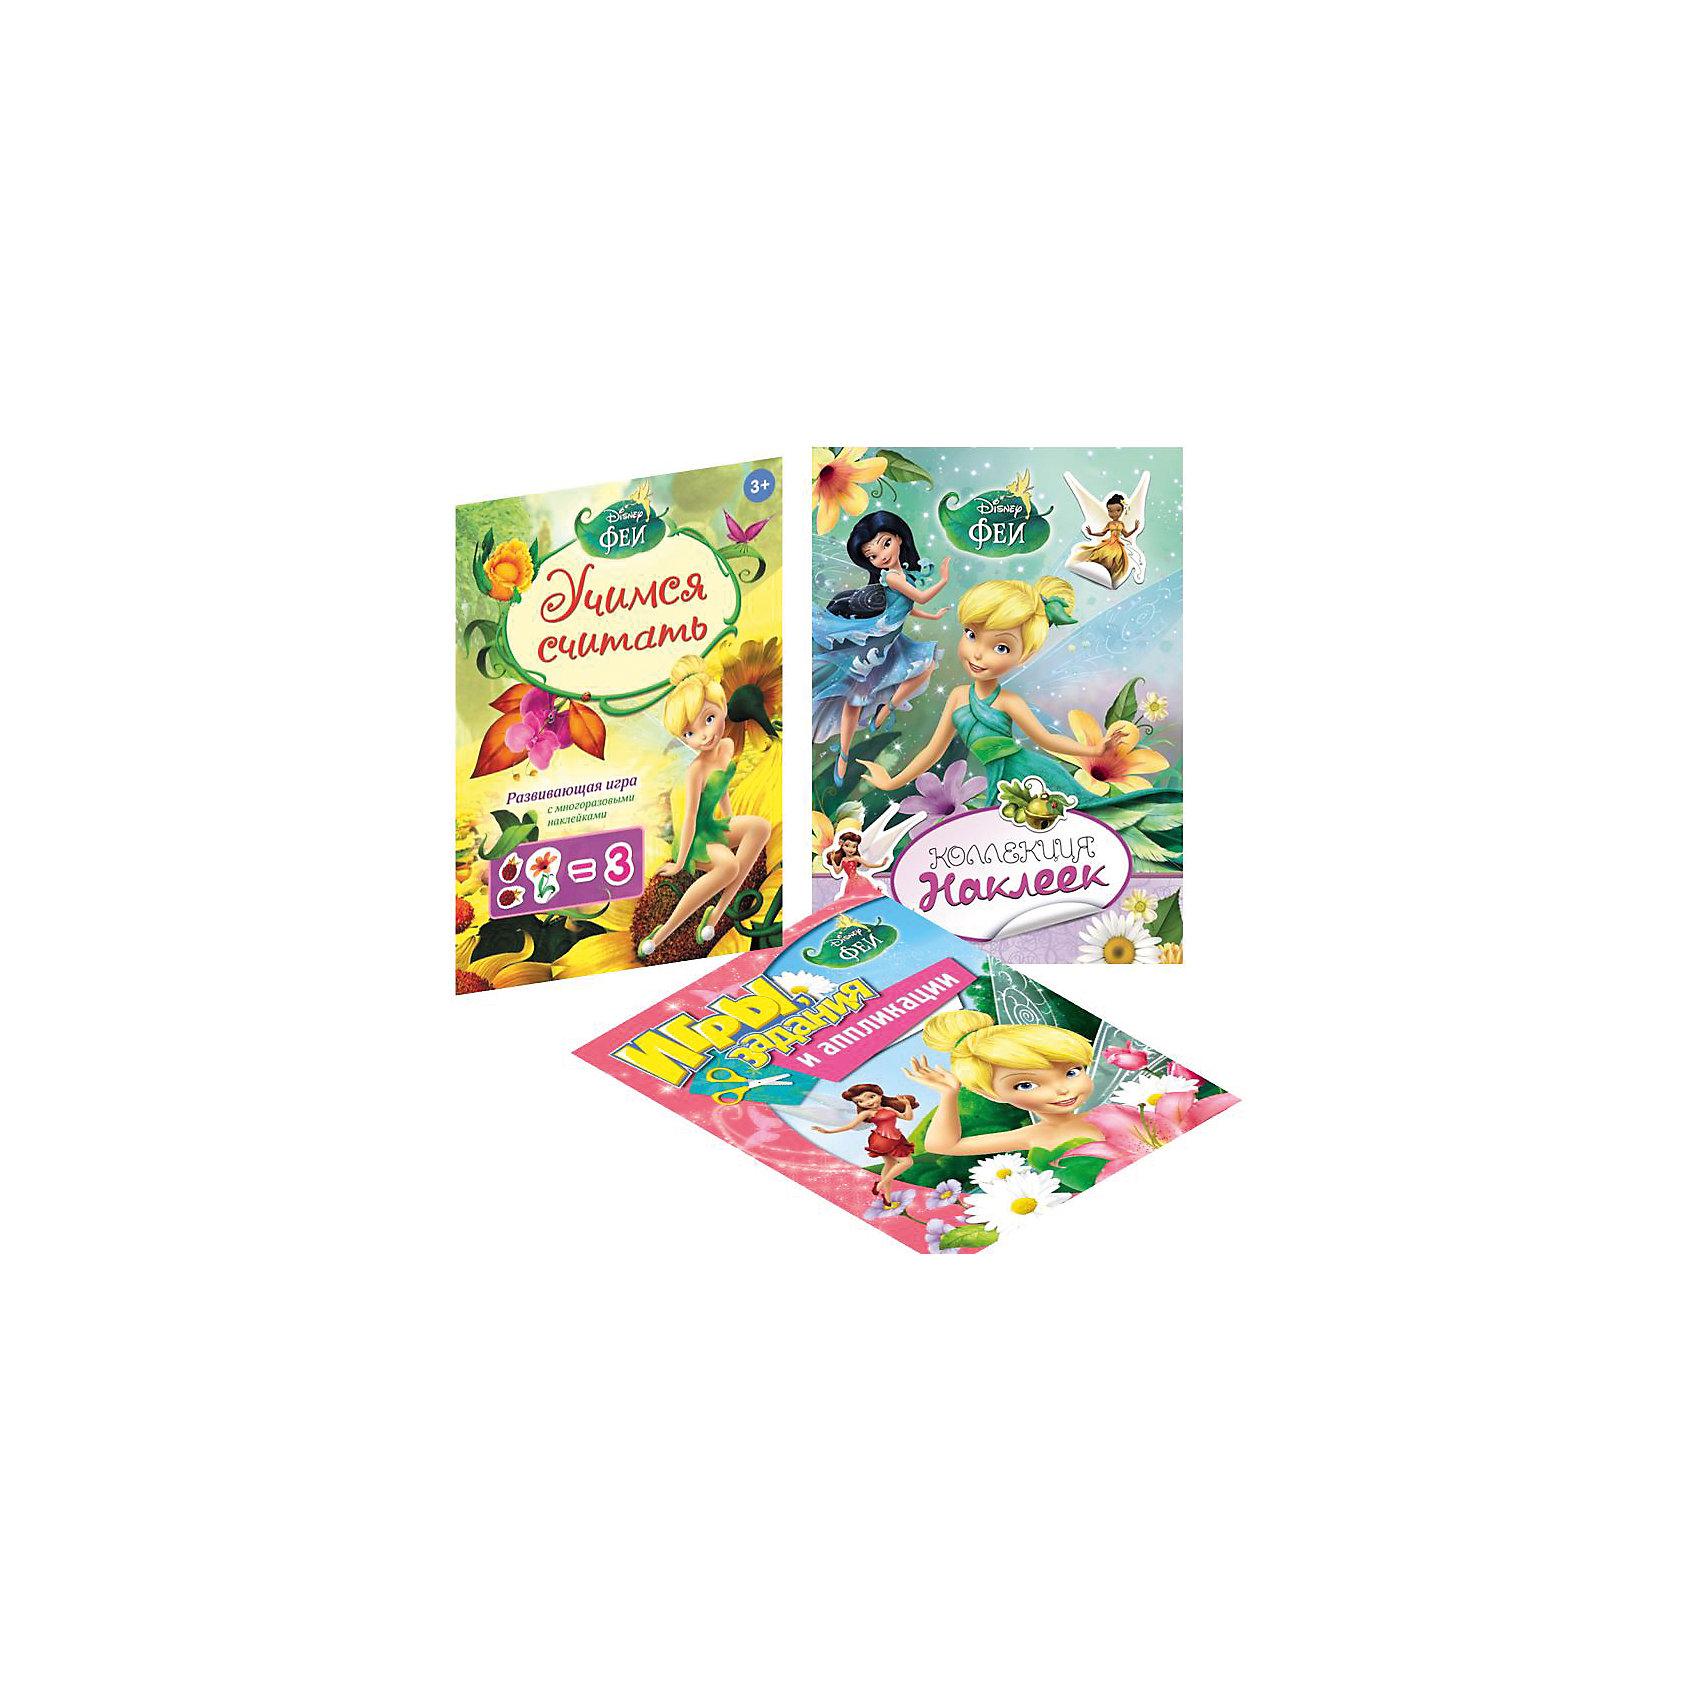 Росмэн Комплект для девочек (наклейки, раскраски, игры) росмэн наклейки и раскраски голубая monster high